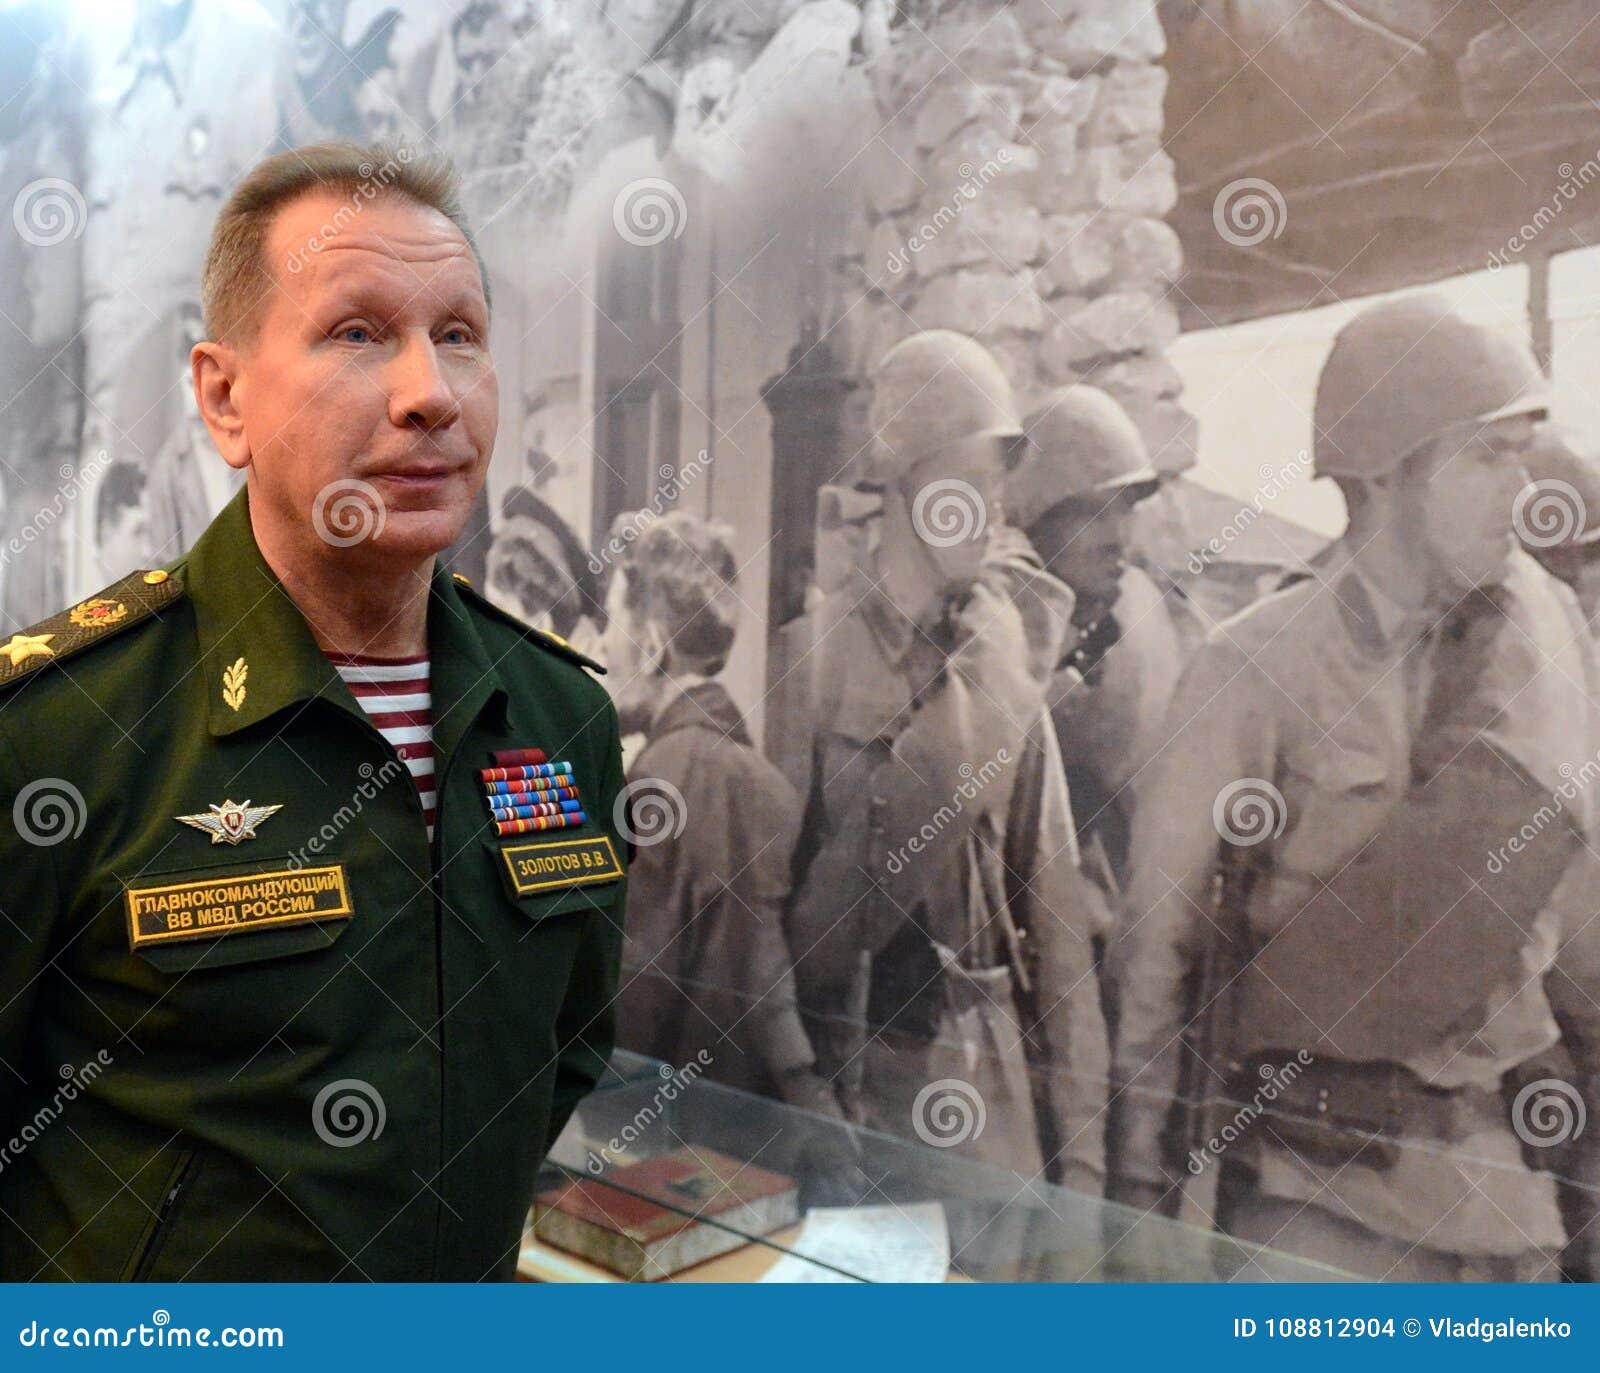 Διοικητής - μέσα - προϊστάμενος των εσωτερικών στρατευμάτων του Υπουργείου εσωτερικών θεμάτων της Ρωσίας, γενικών του στρατού Βίκ